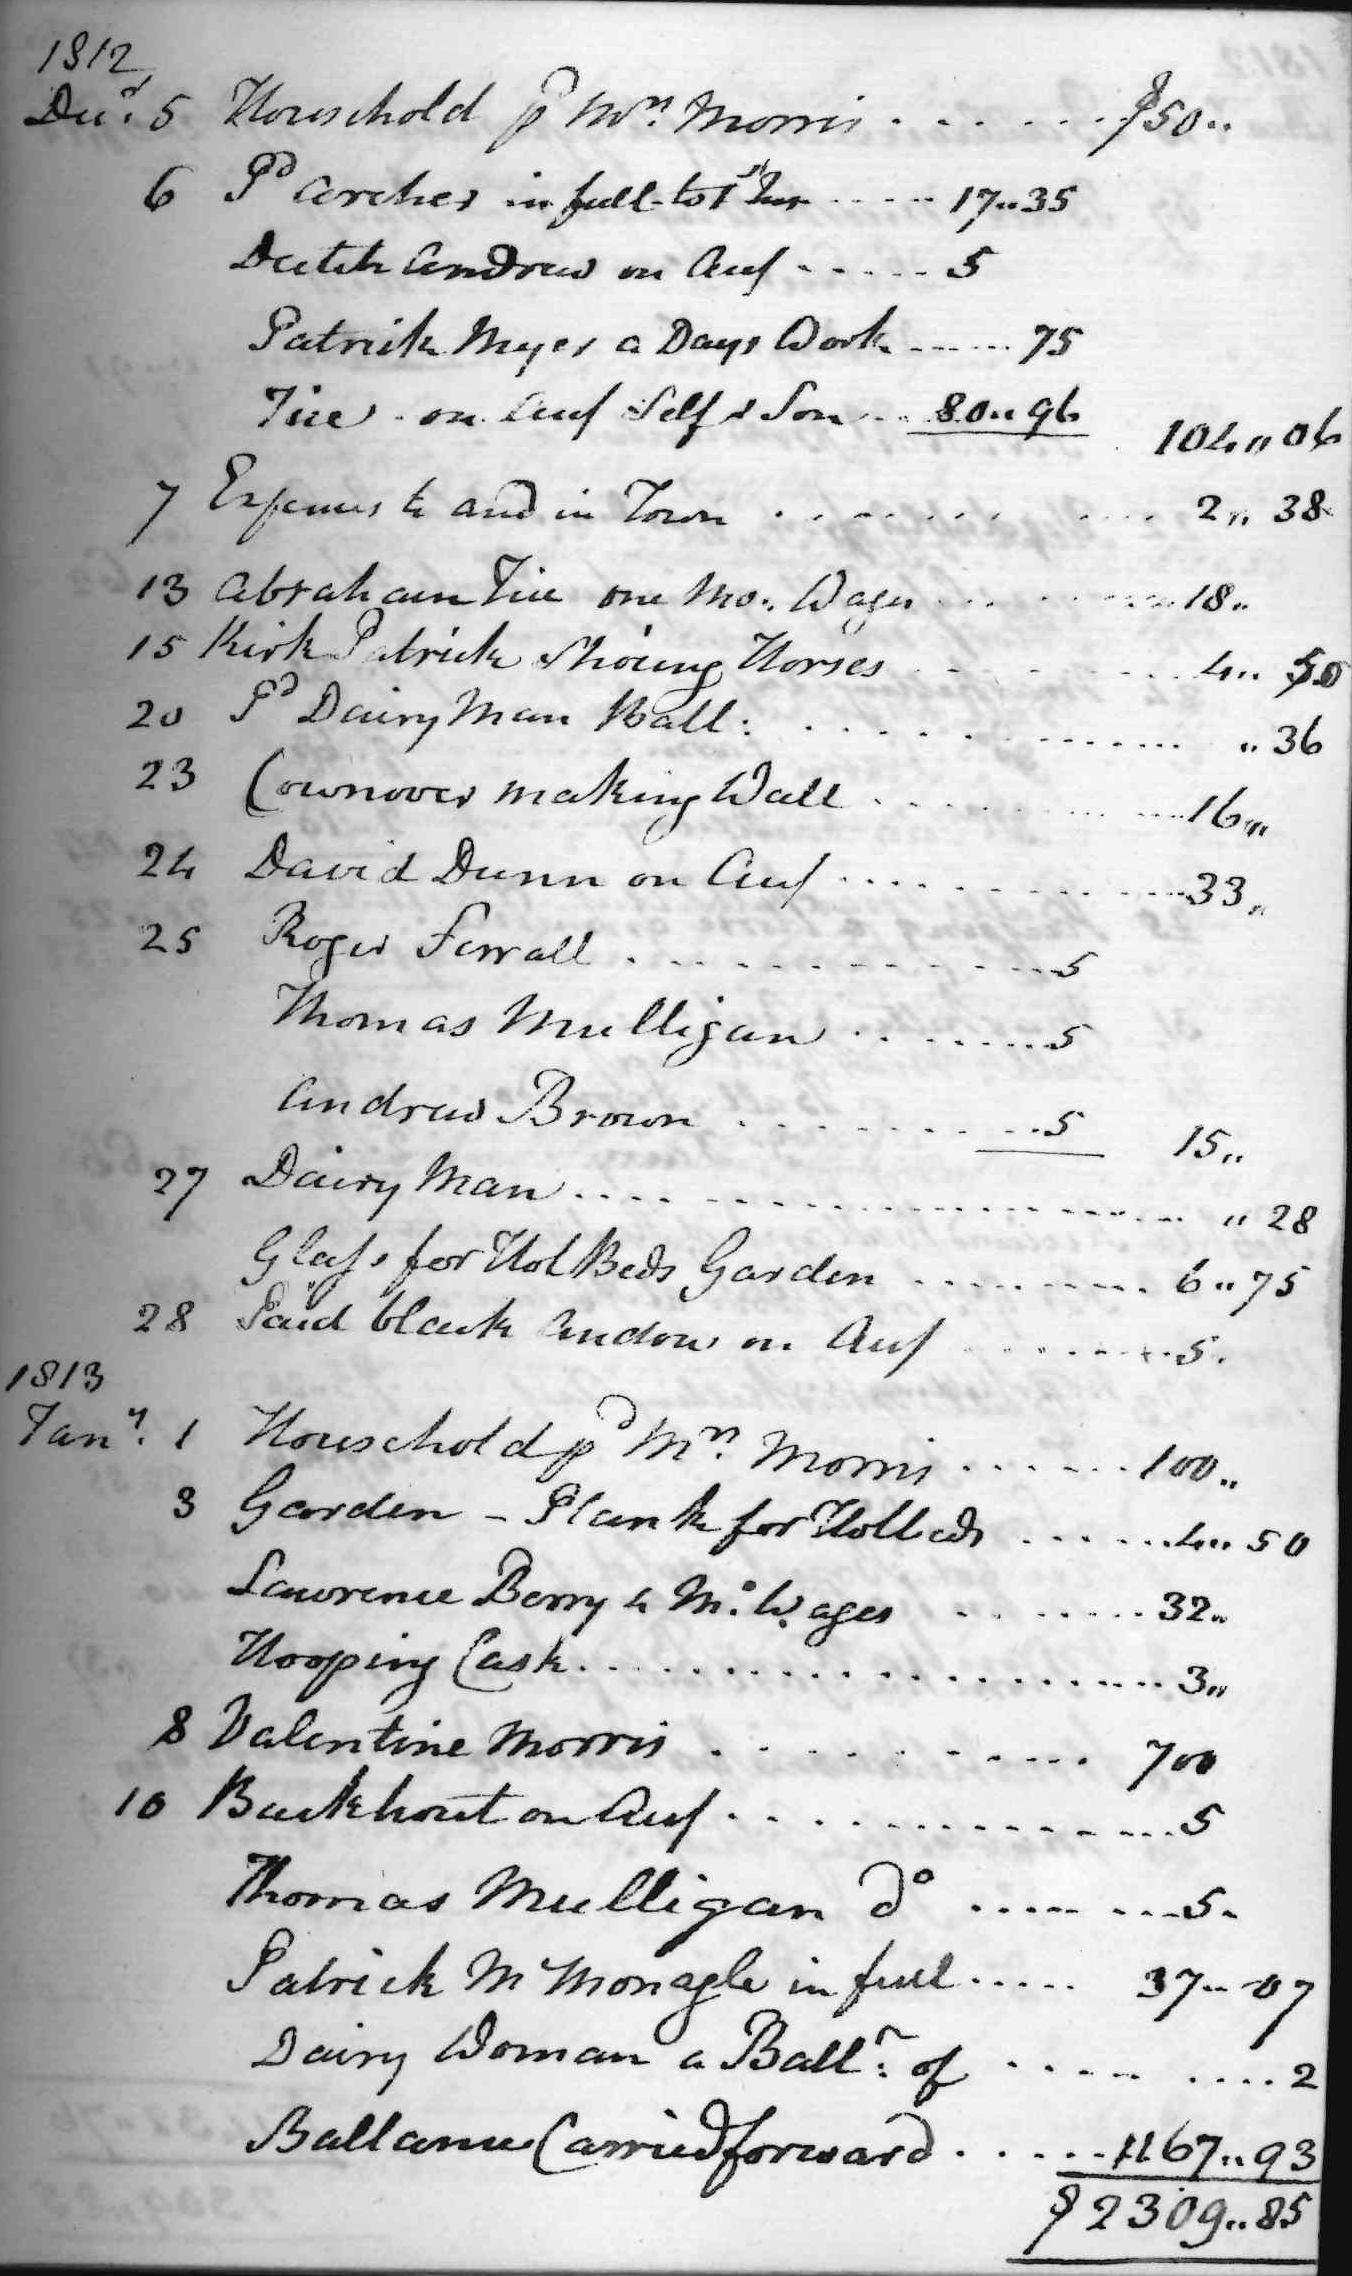 Gouverneur Morris Cash Book, folio 14, right side